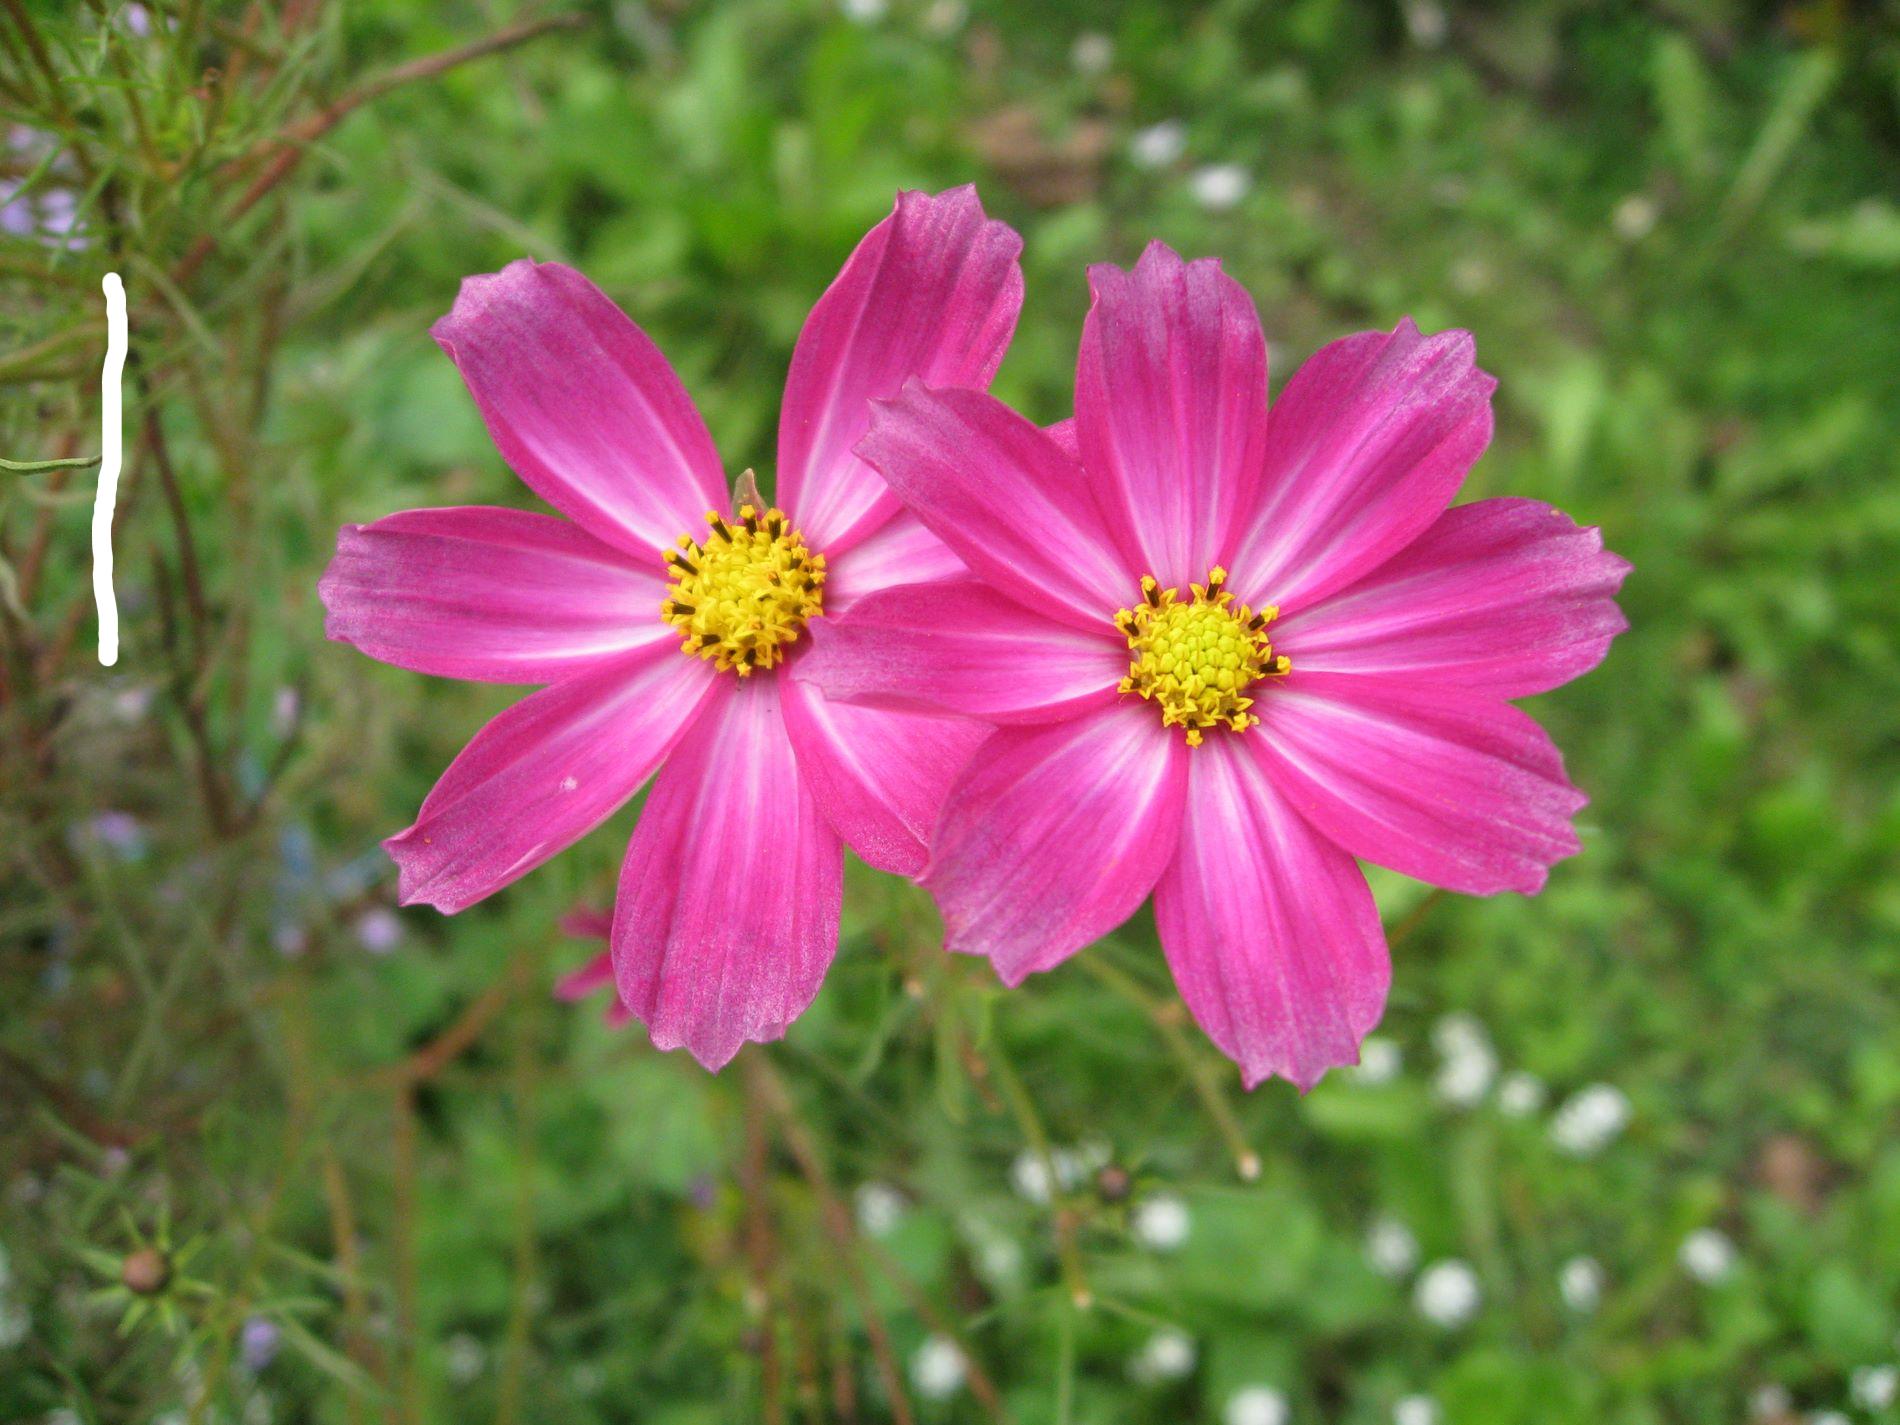 daisy clipart long stem flower